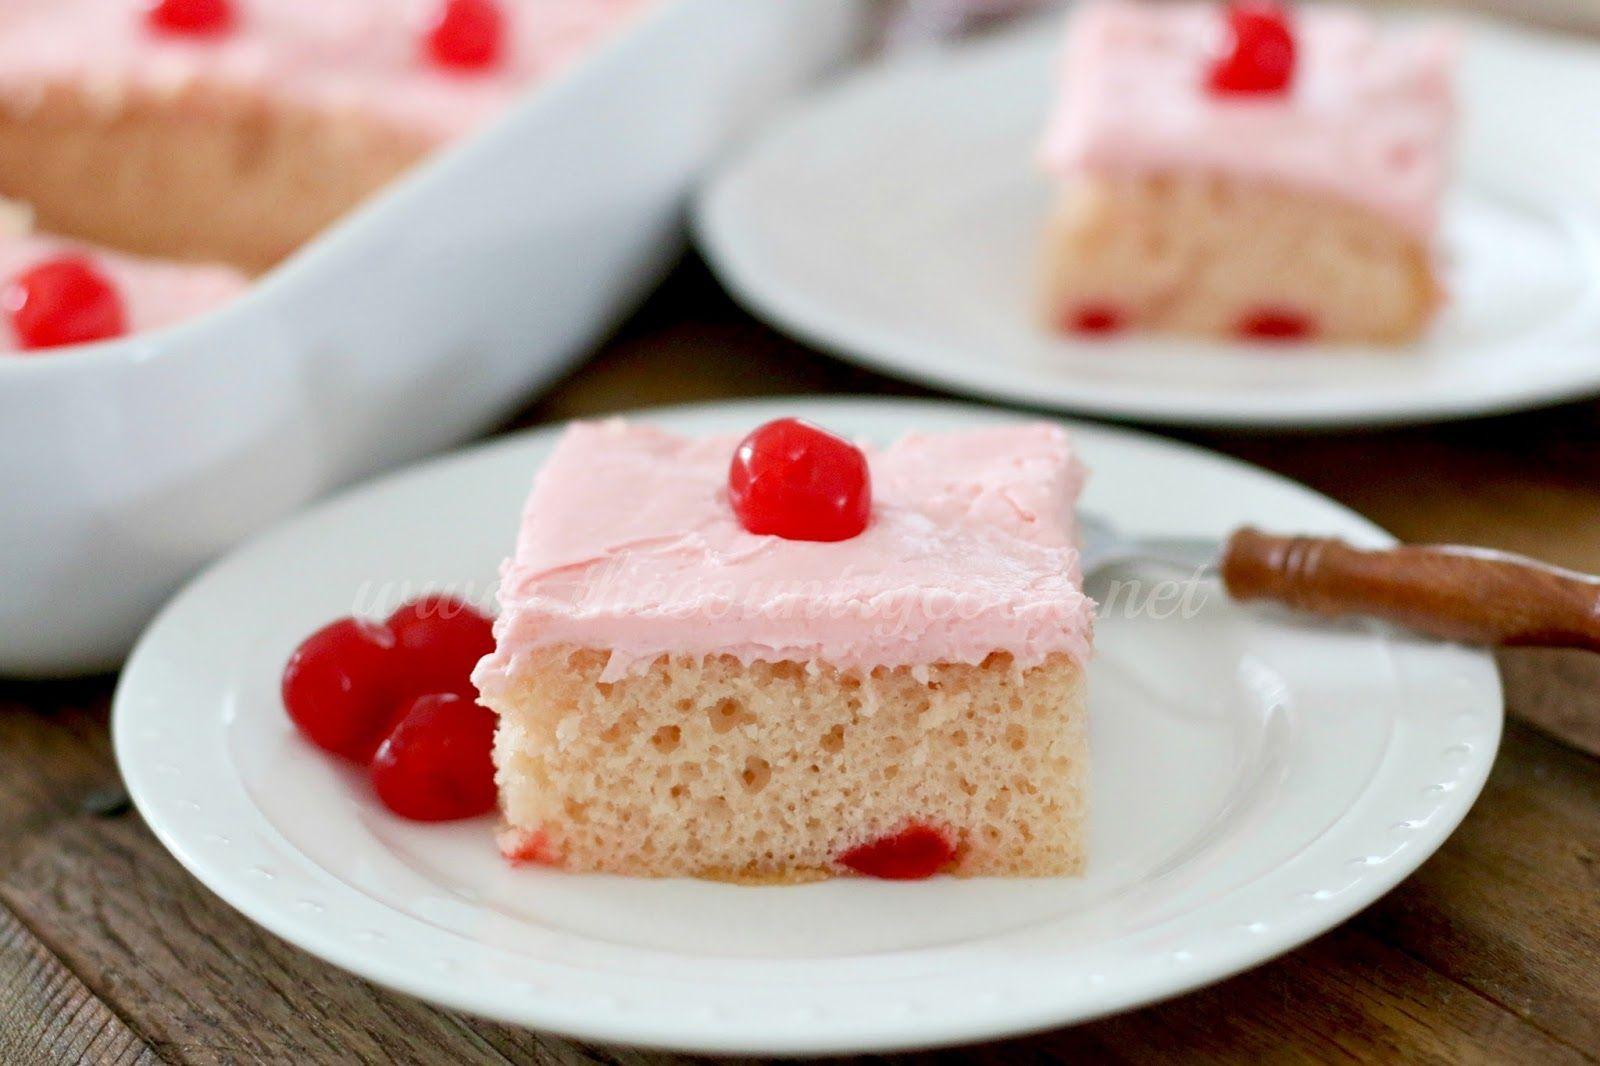 The Country Cook: Maraschino Cherry Cake